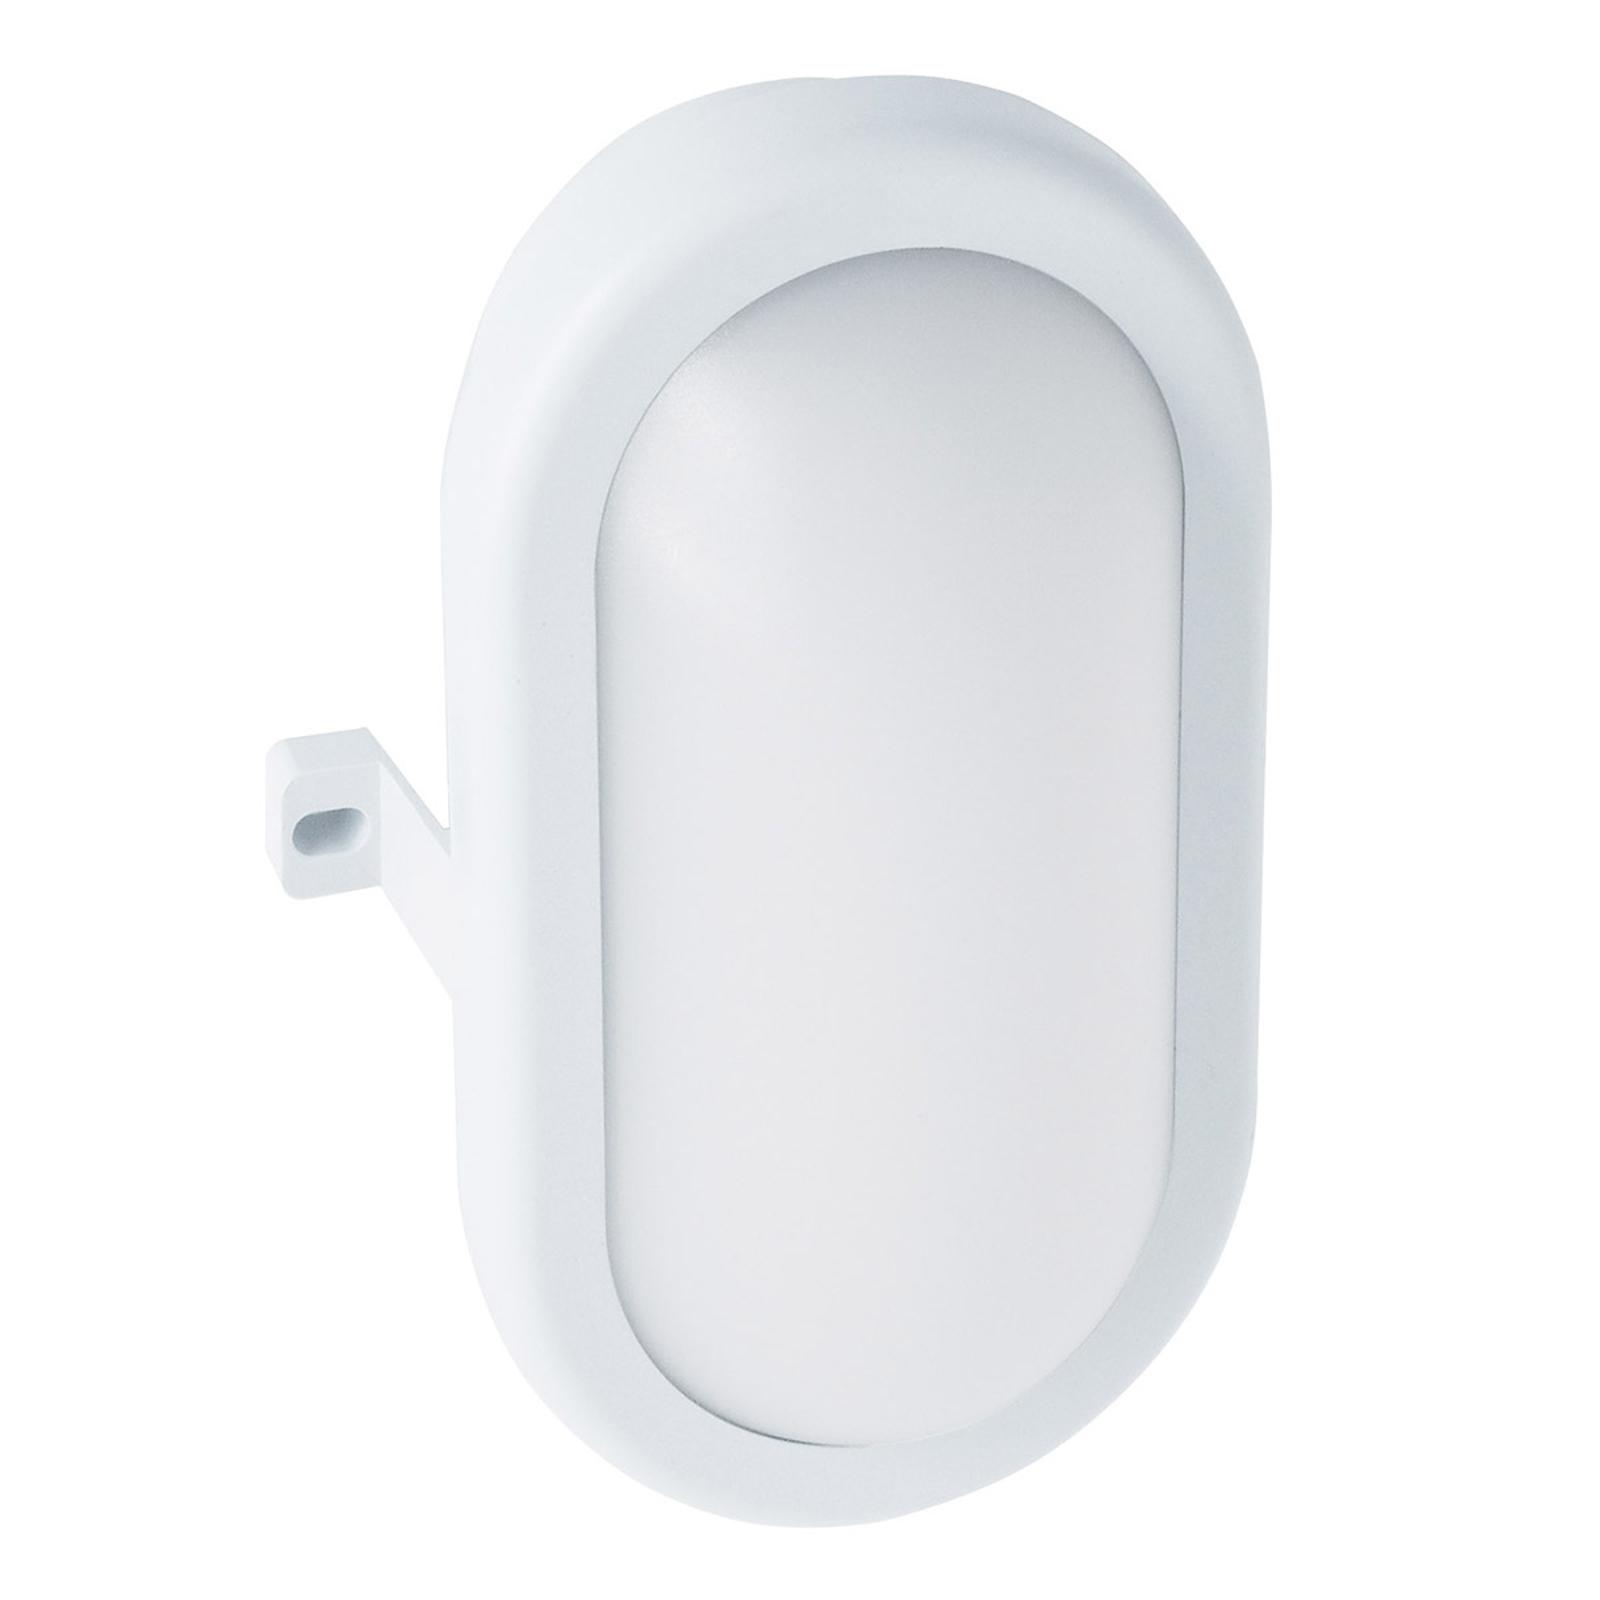 LED-Wandleuchte Schwabing 10SG, für Stall geeignet